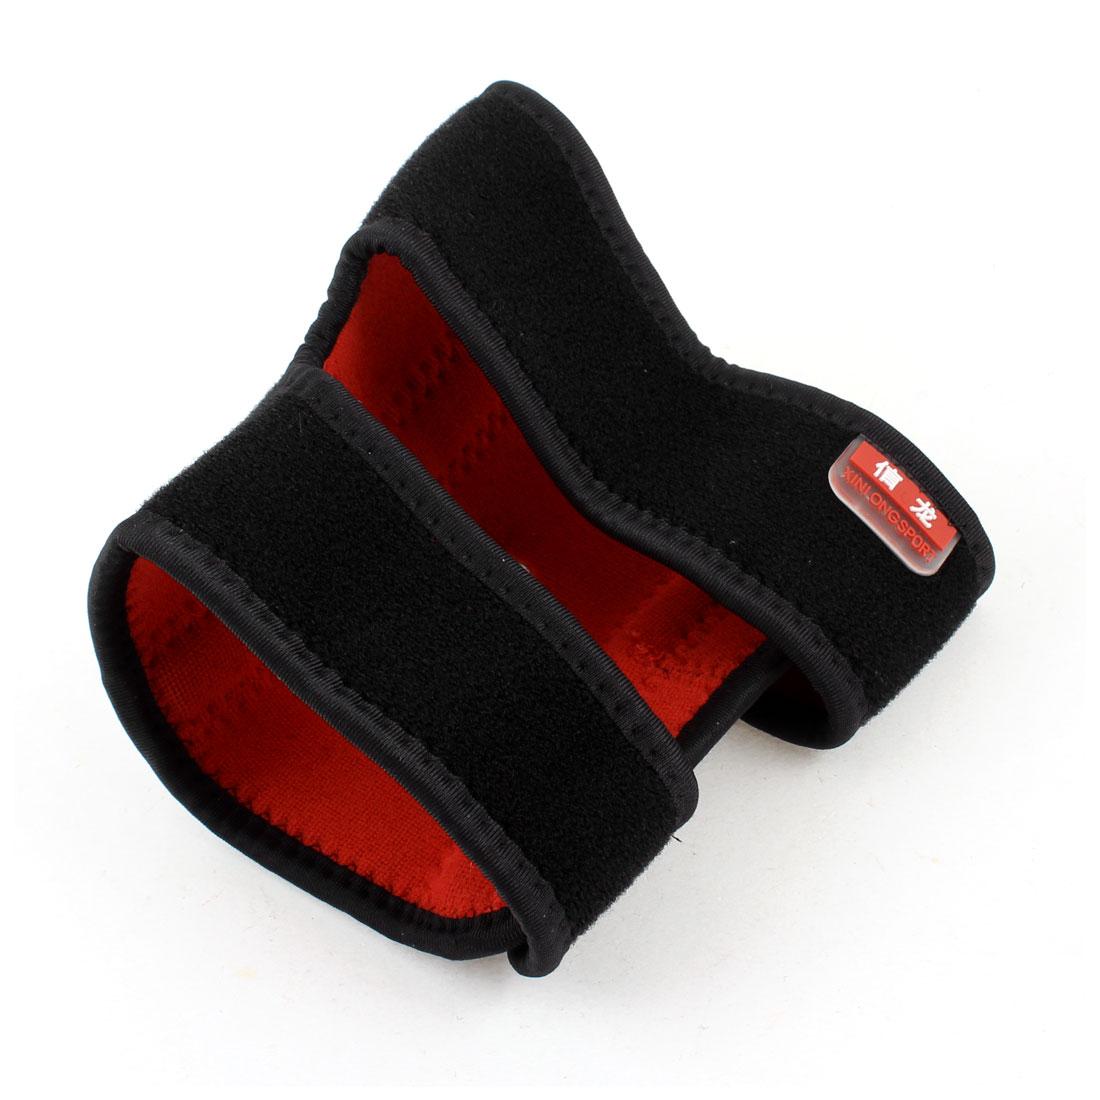 Hook Loop Fastener Neoprene Stretchy Elbow Arm Support Red Black